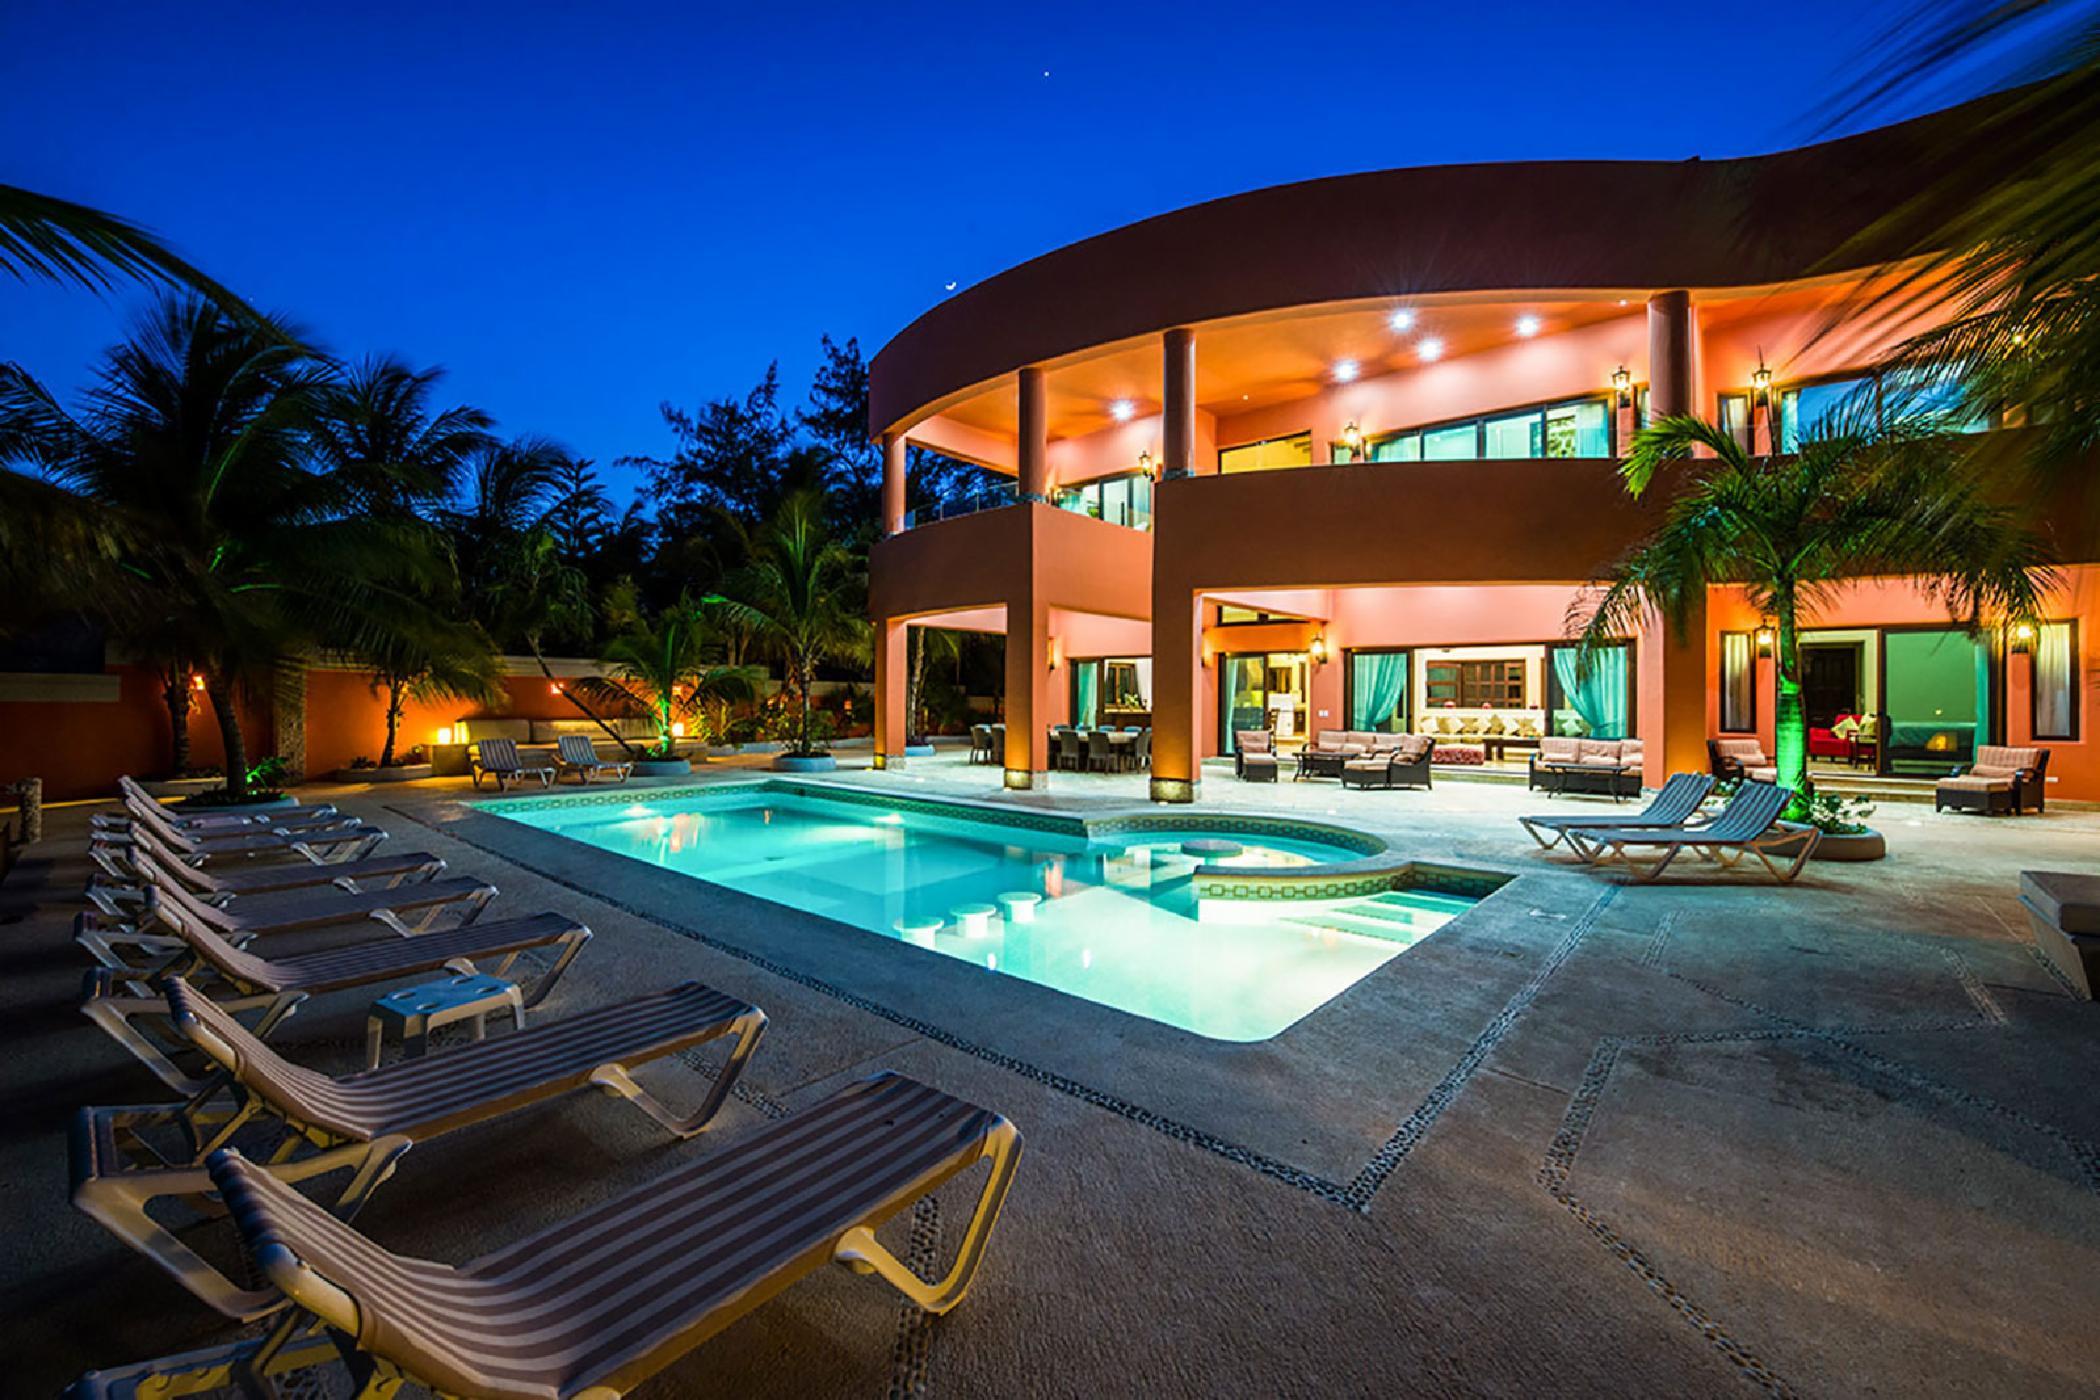 Maya_Luxe_Riviera_Maya_Luxury_Villas_Experiences_Tankah_Bay_Tulum_8_Bedrooms_Cenote_del_Mar_26.jpg